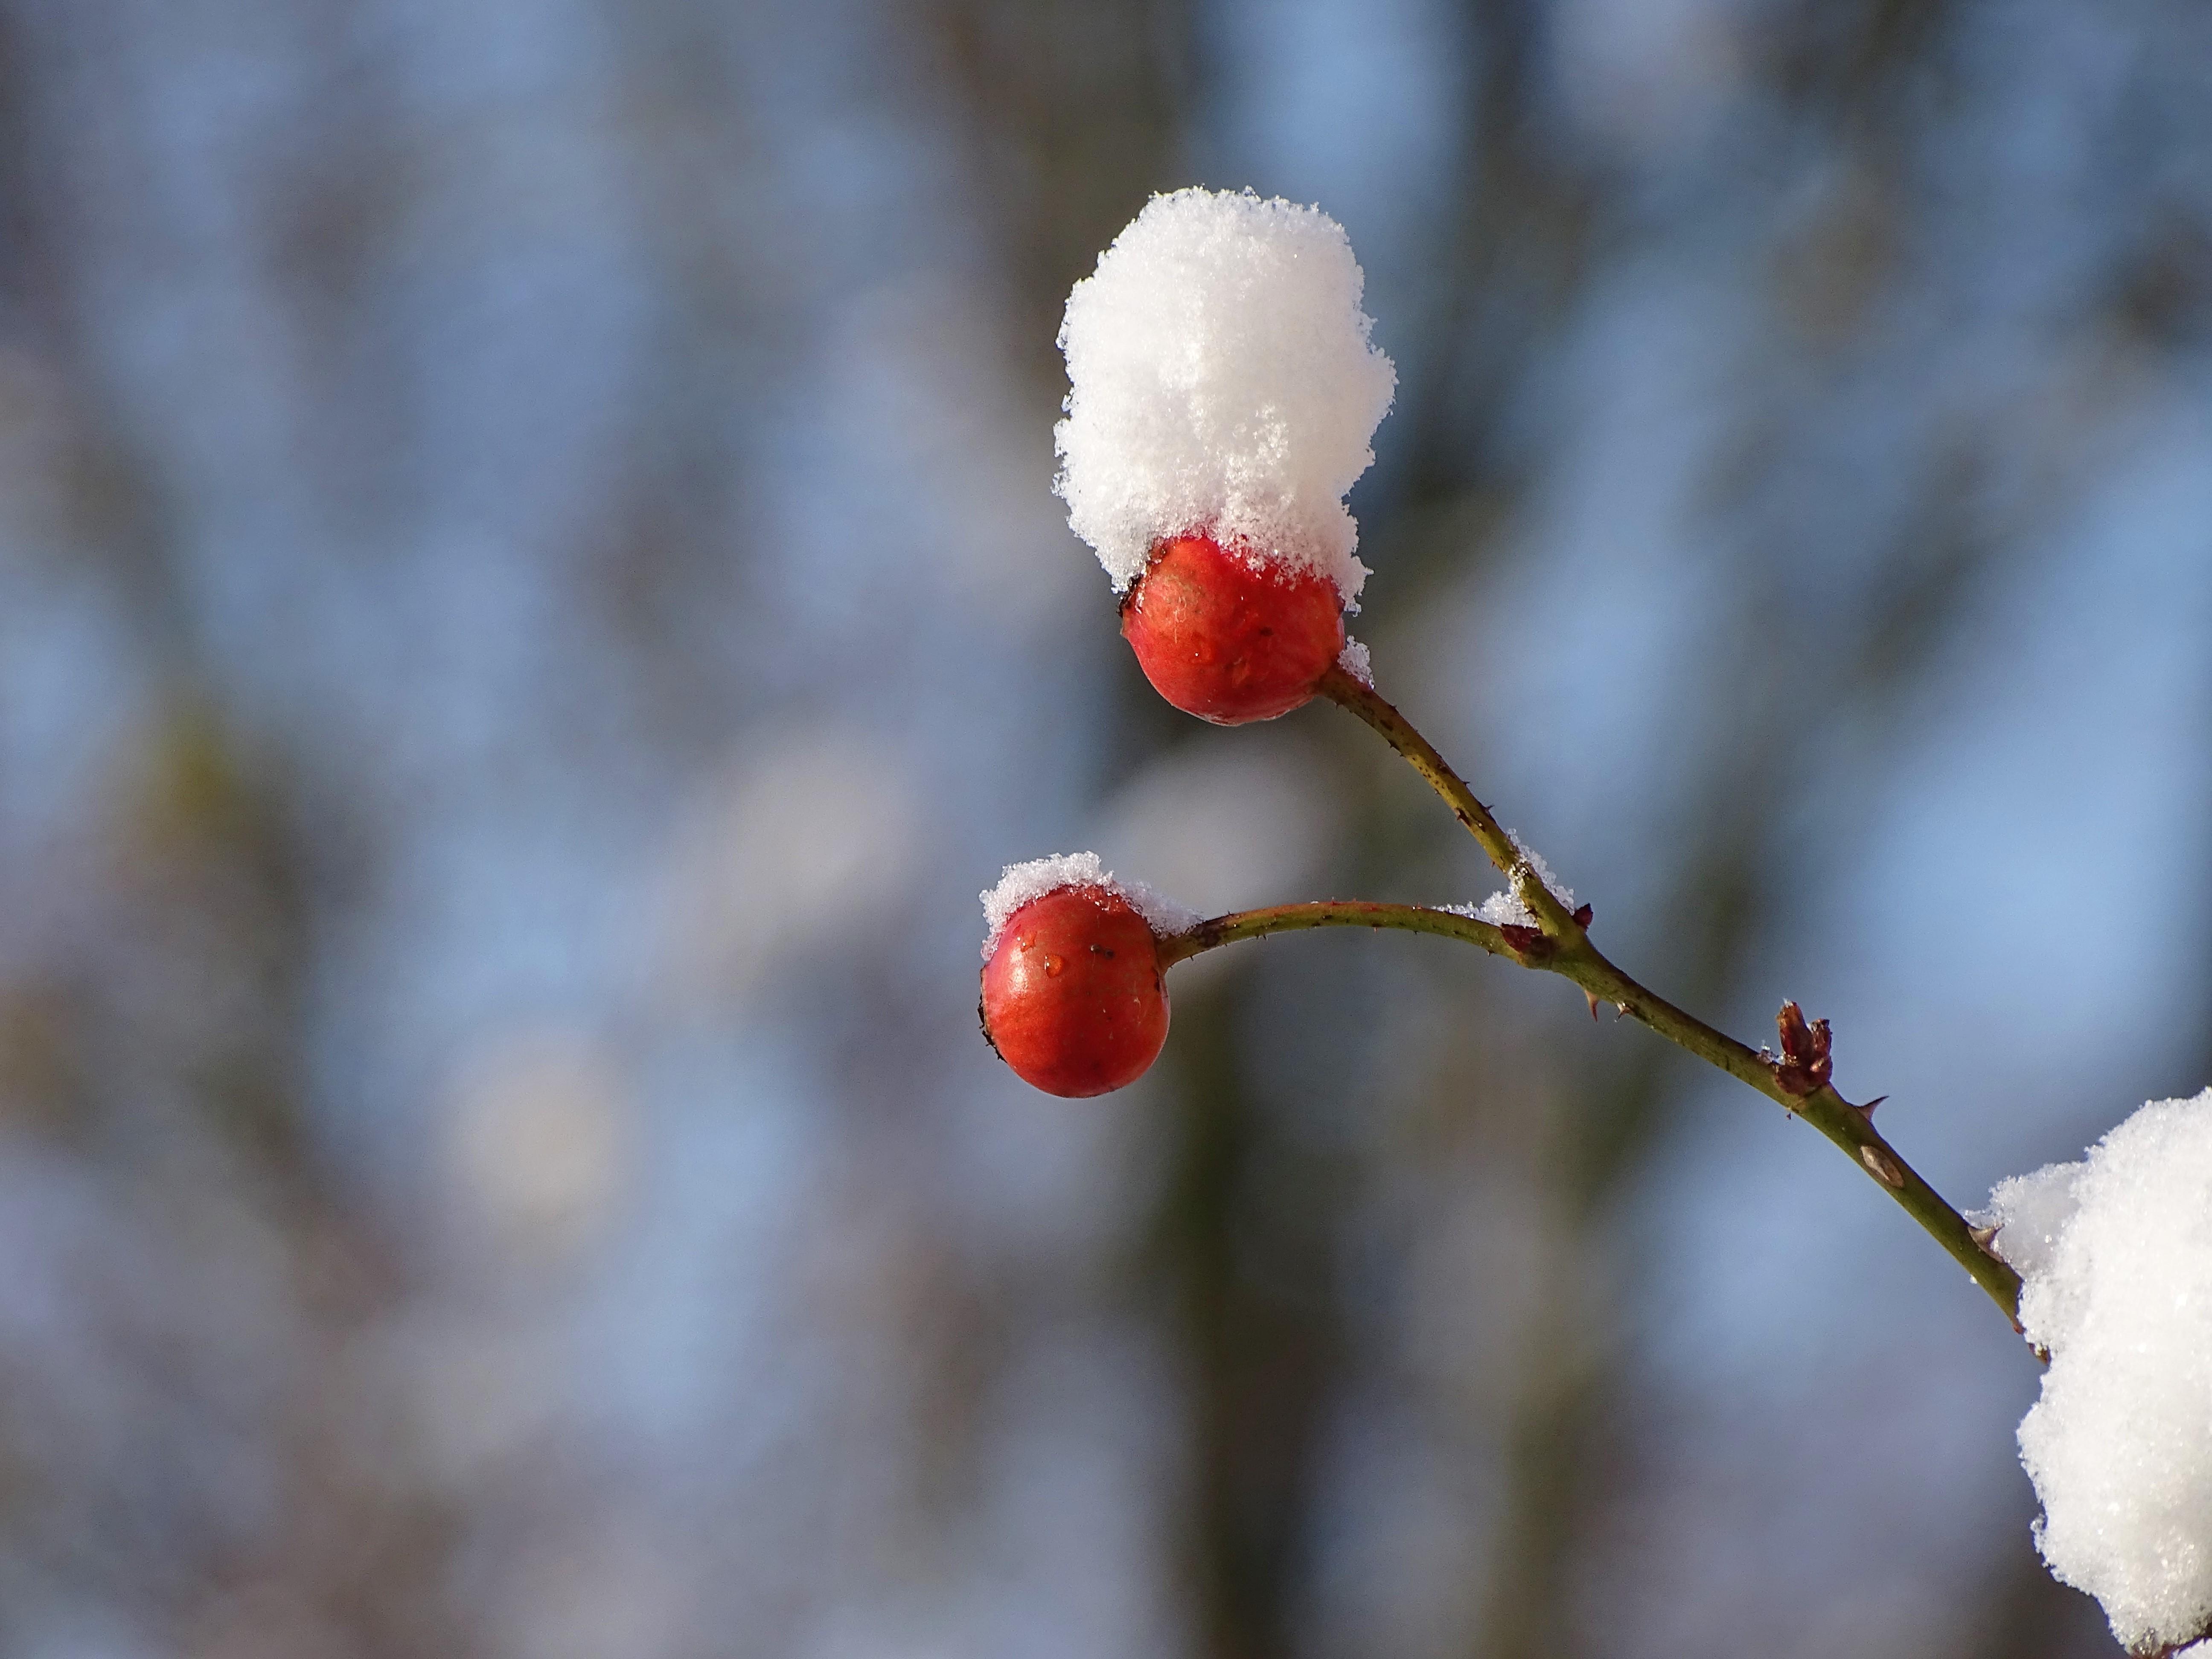 1-Schnee_Bad_Birnbach_Nadia_Baumgart